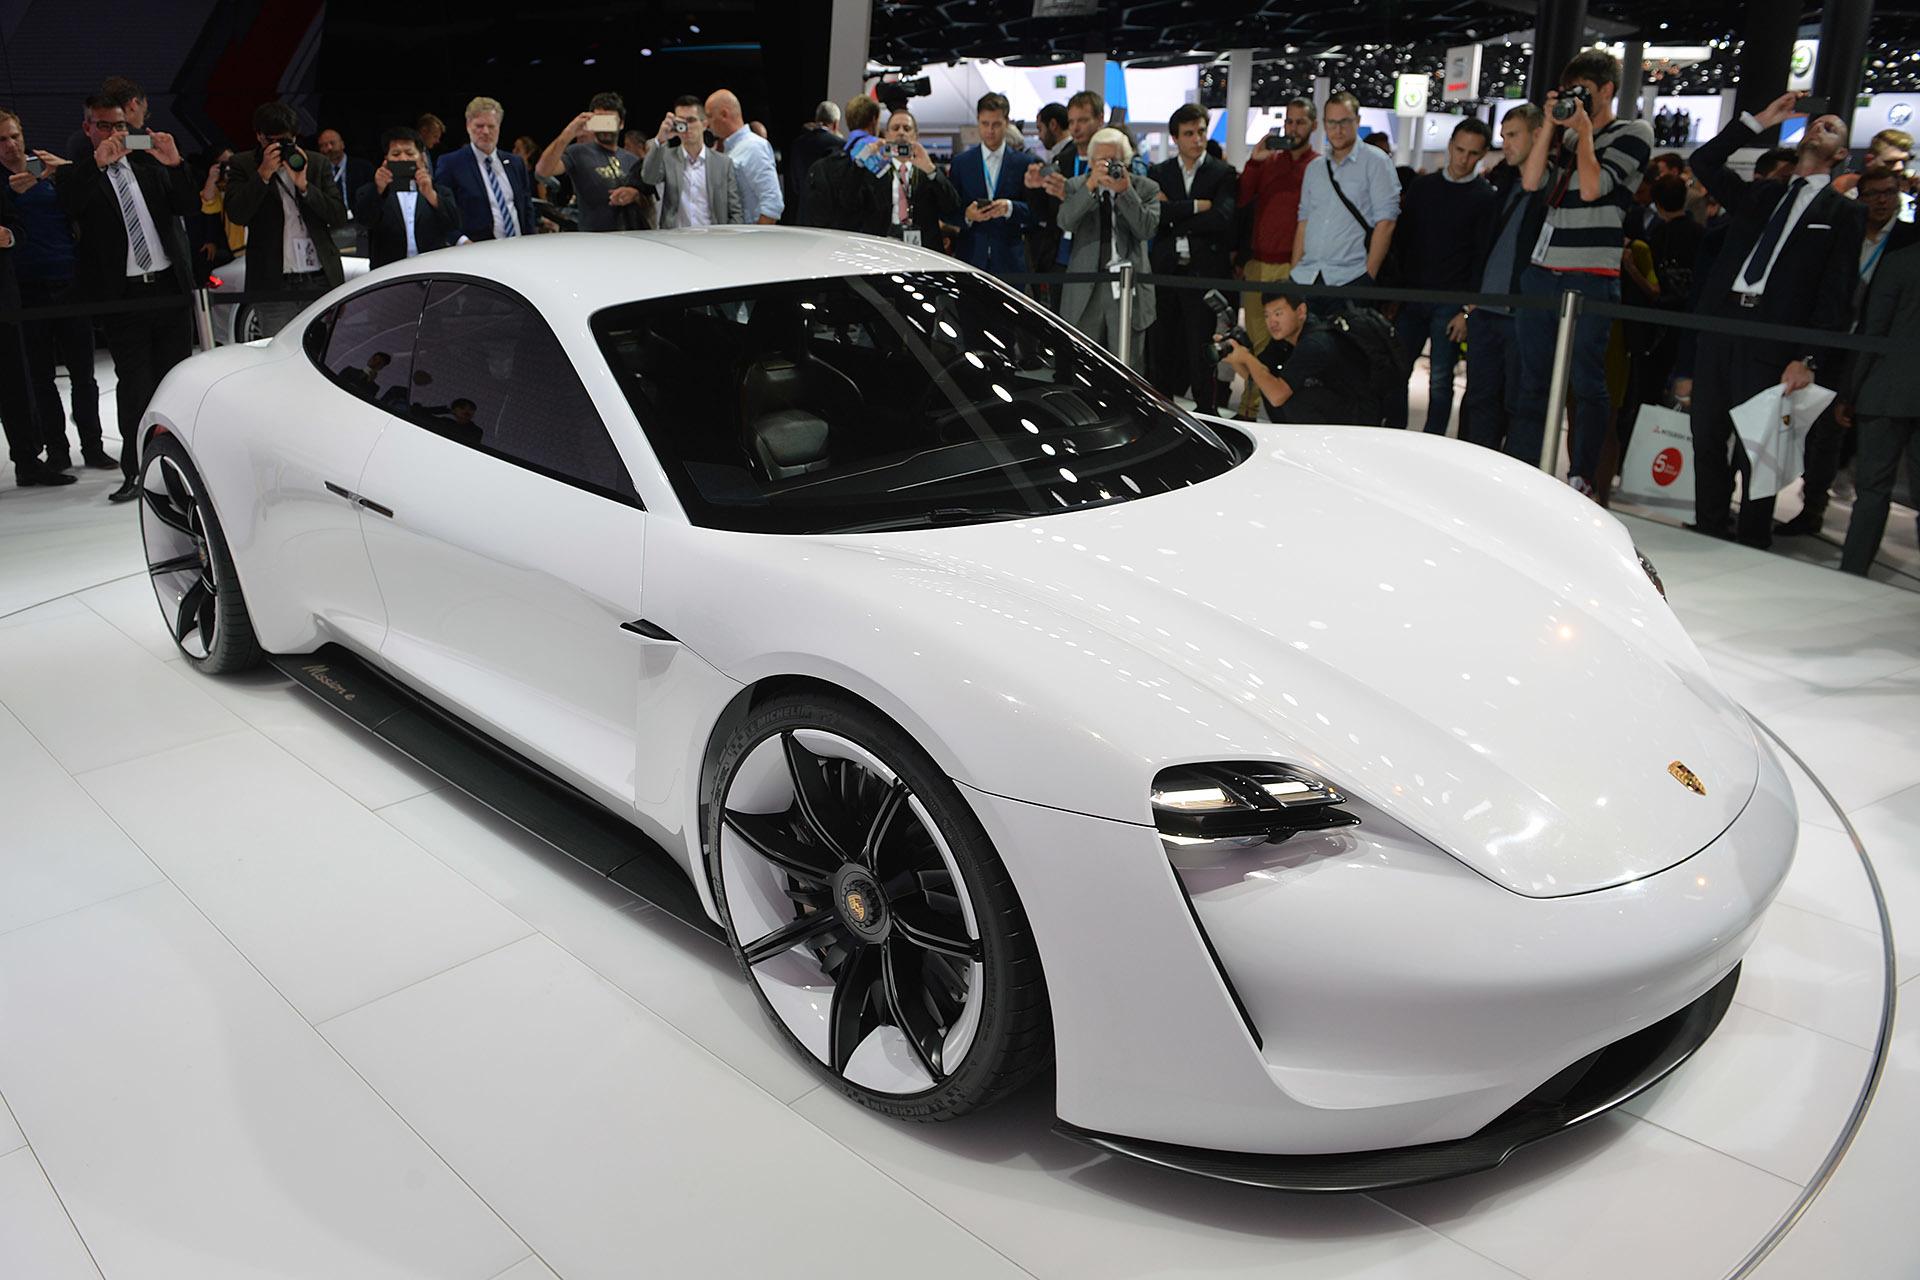 Mission E Concept Sedan By Porsche 1